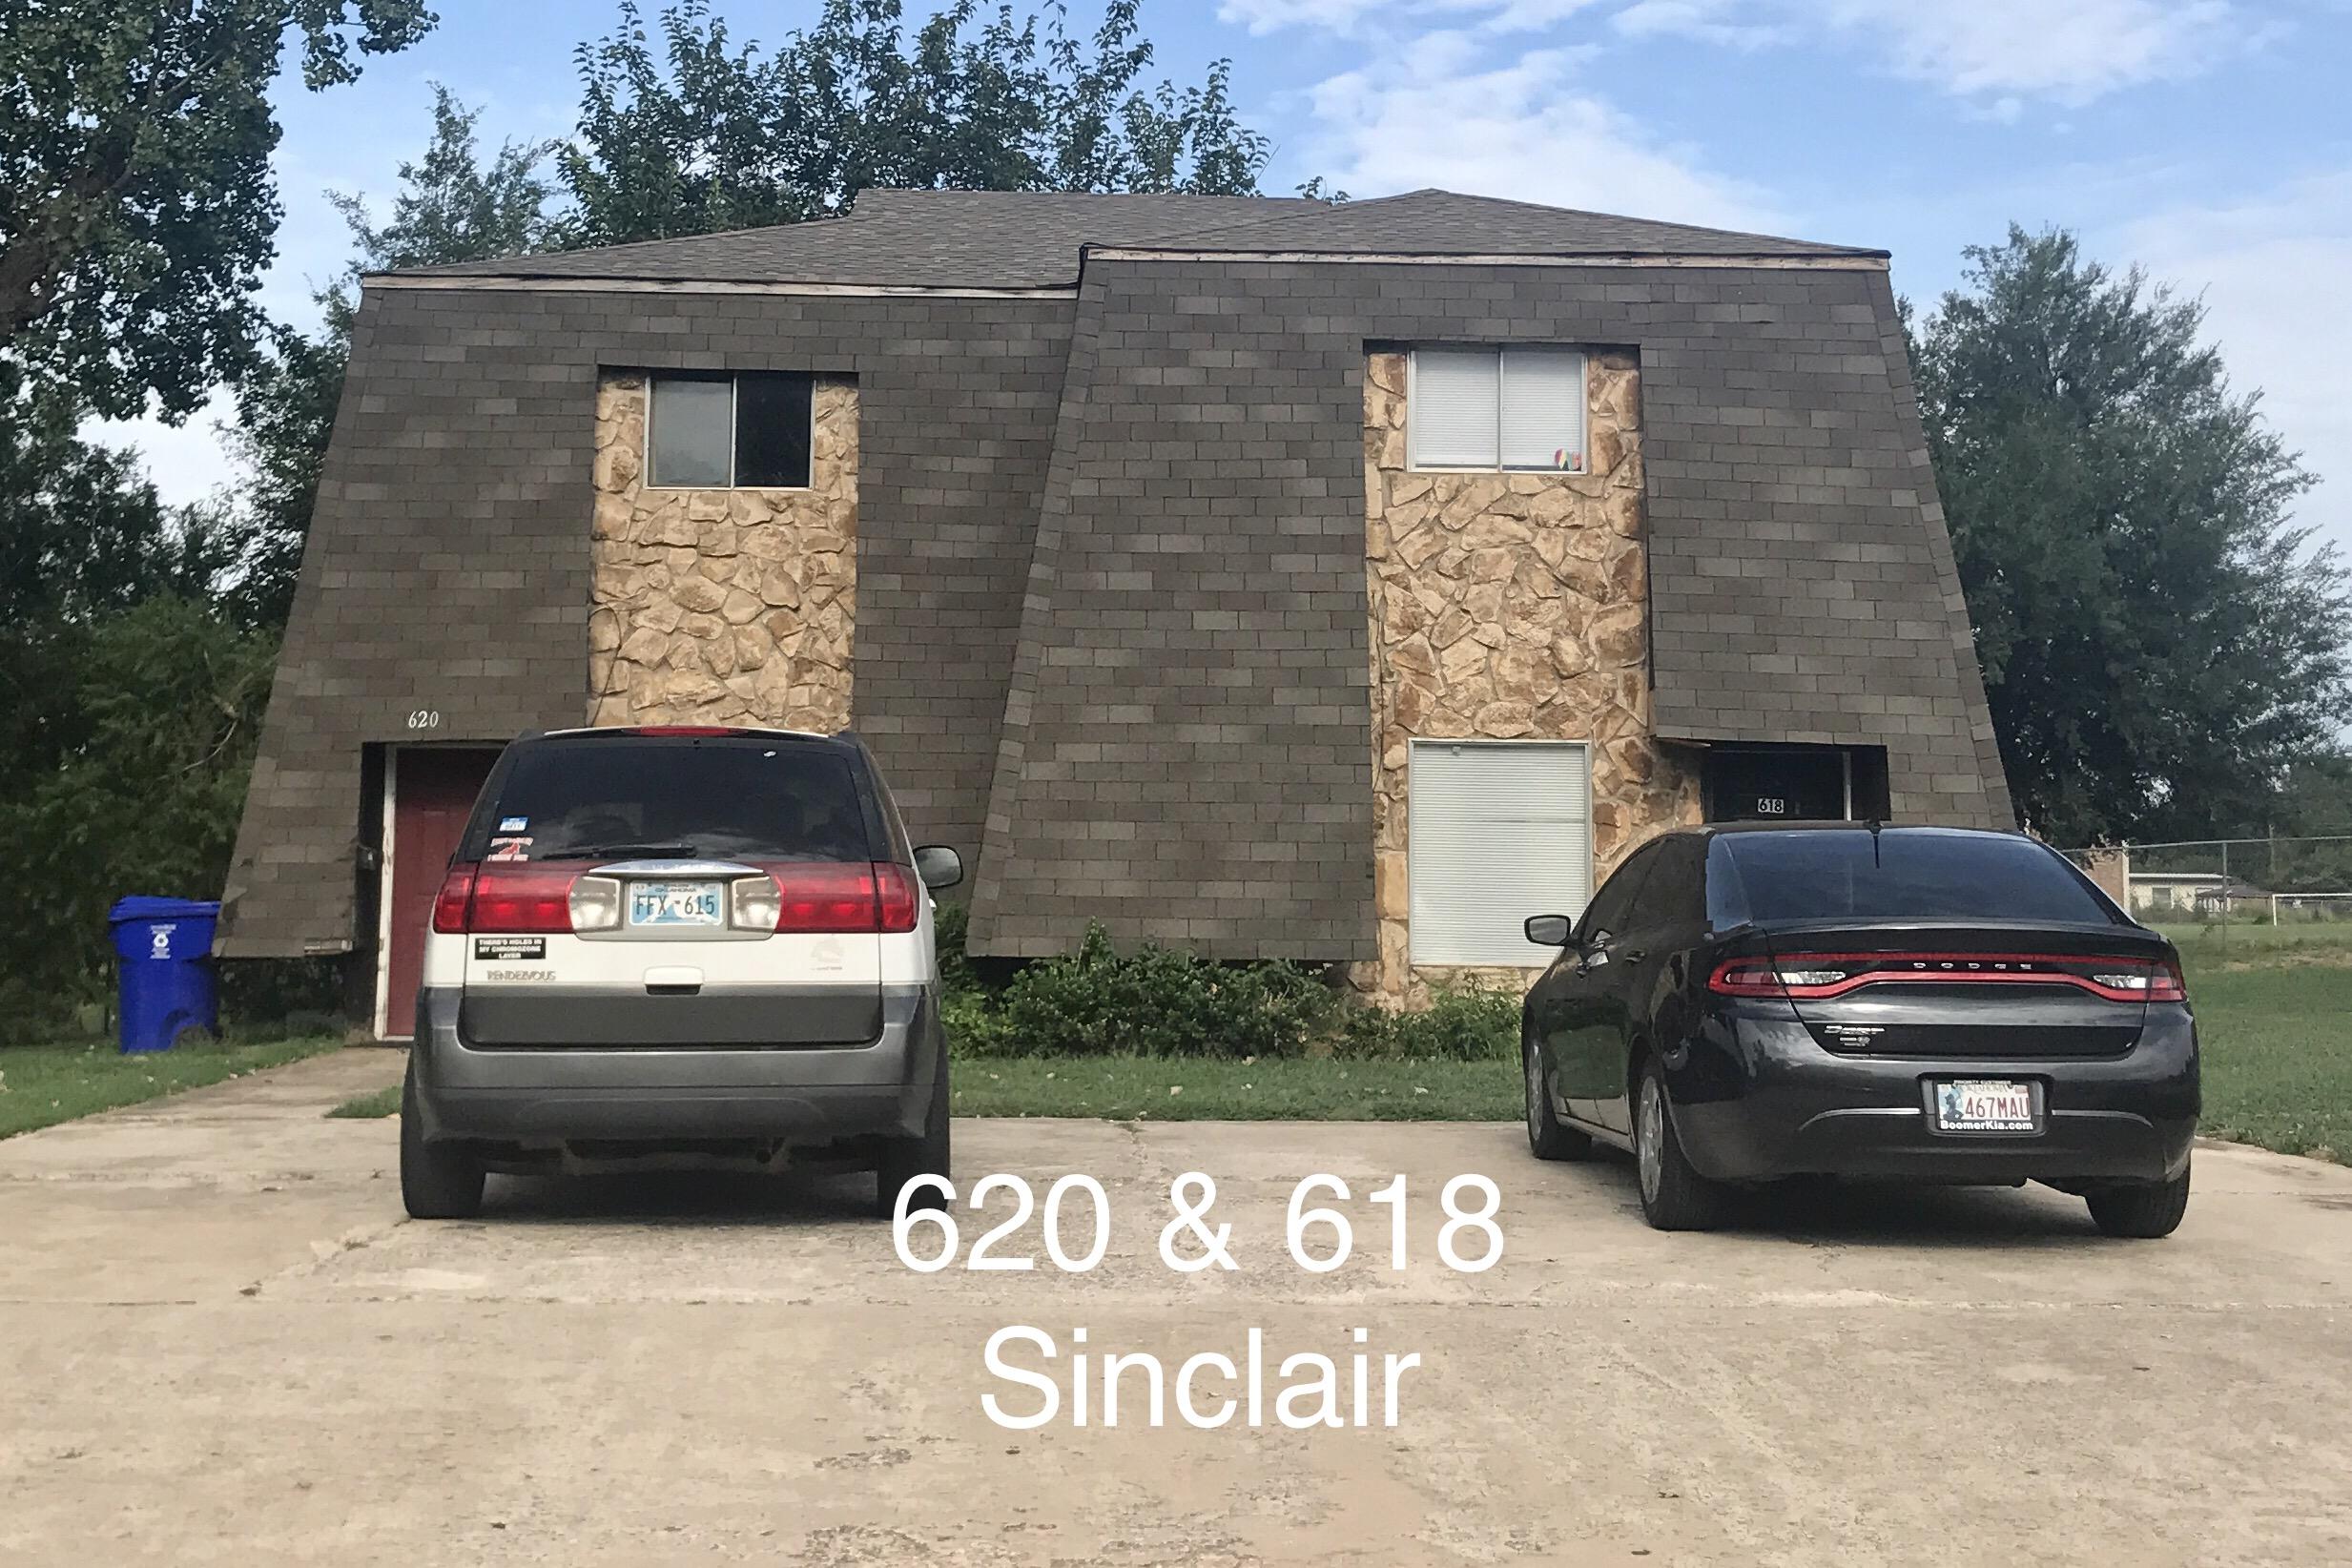 620 & 618 Sinclair.jpg